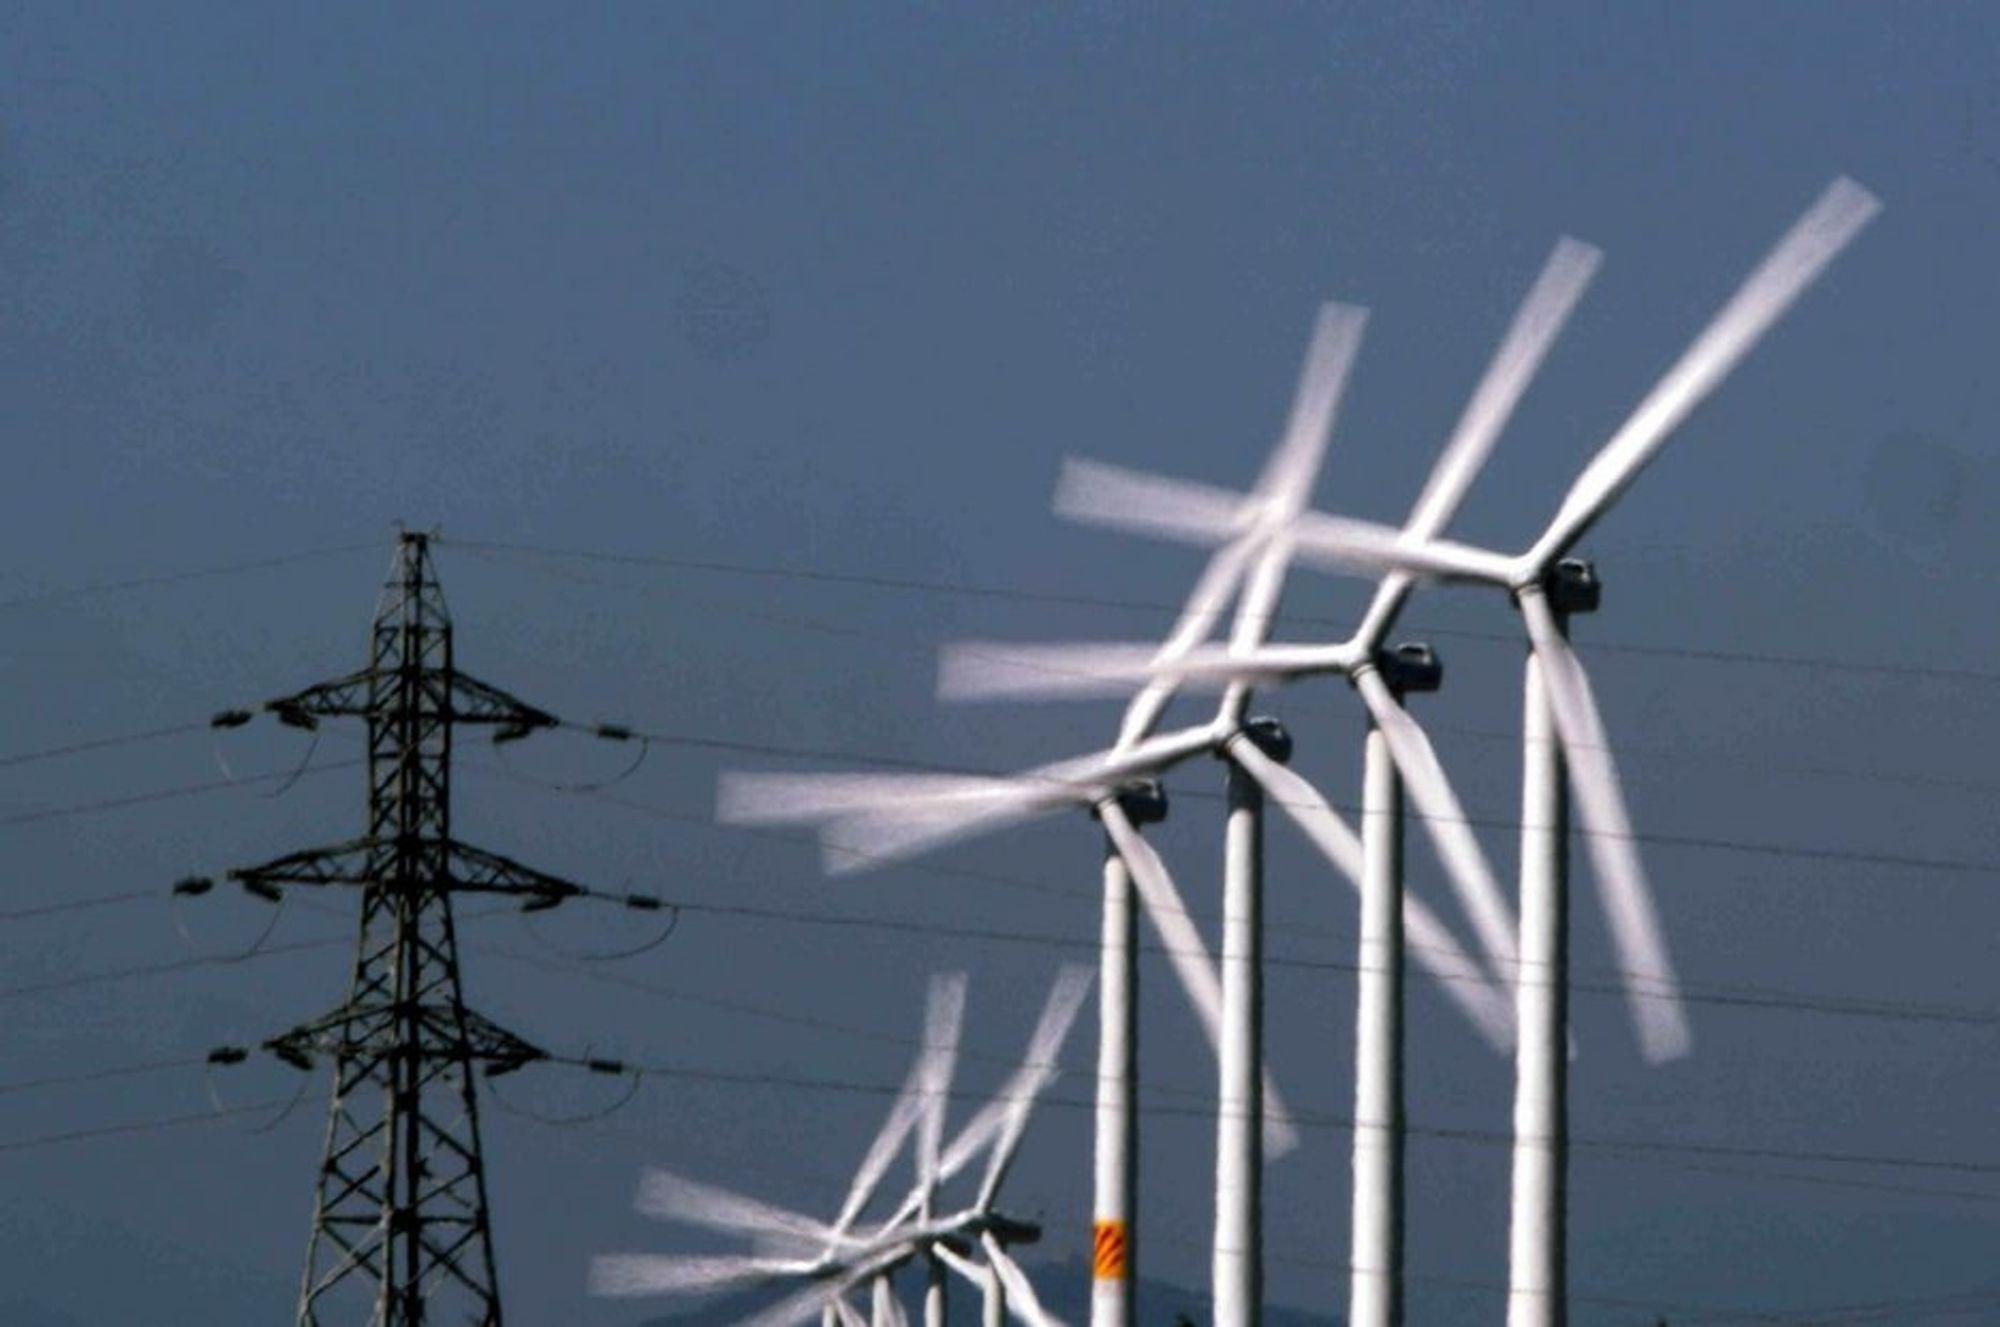 Utbygging av vindkraft og utbedring av kraftnettet i nord vil kunne kutte CO2-utslipp tilsvarende hele den norske petroleumsnæringen. Men det vil koste dyrt.